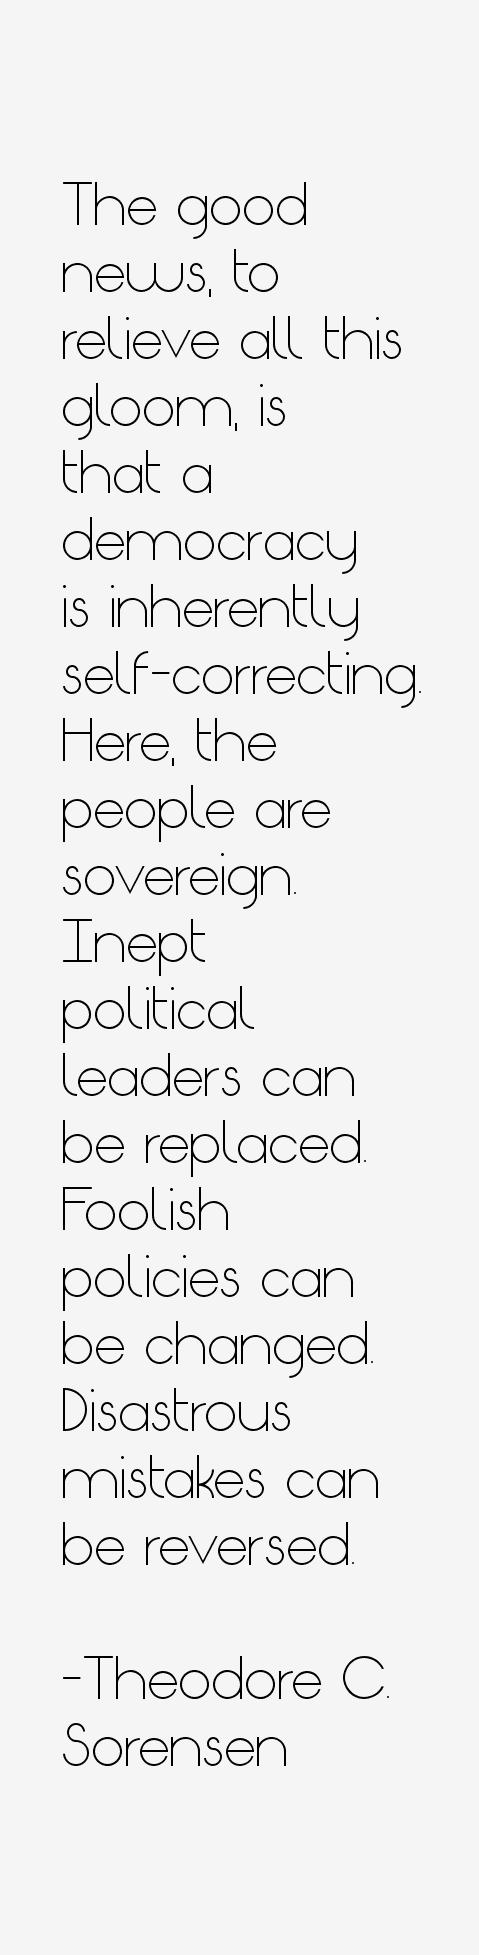 Theodore C. Sorensen Quotes